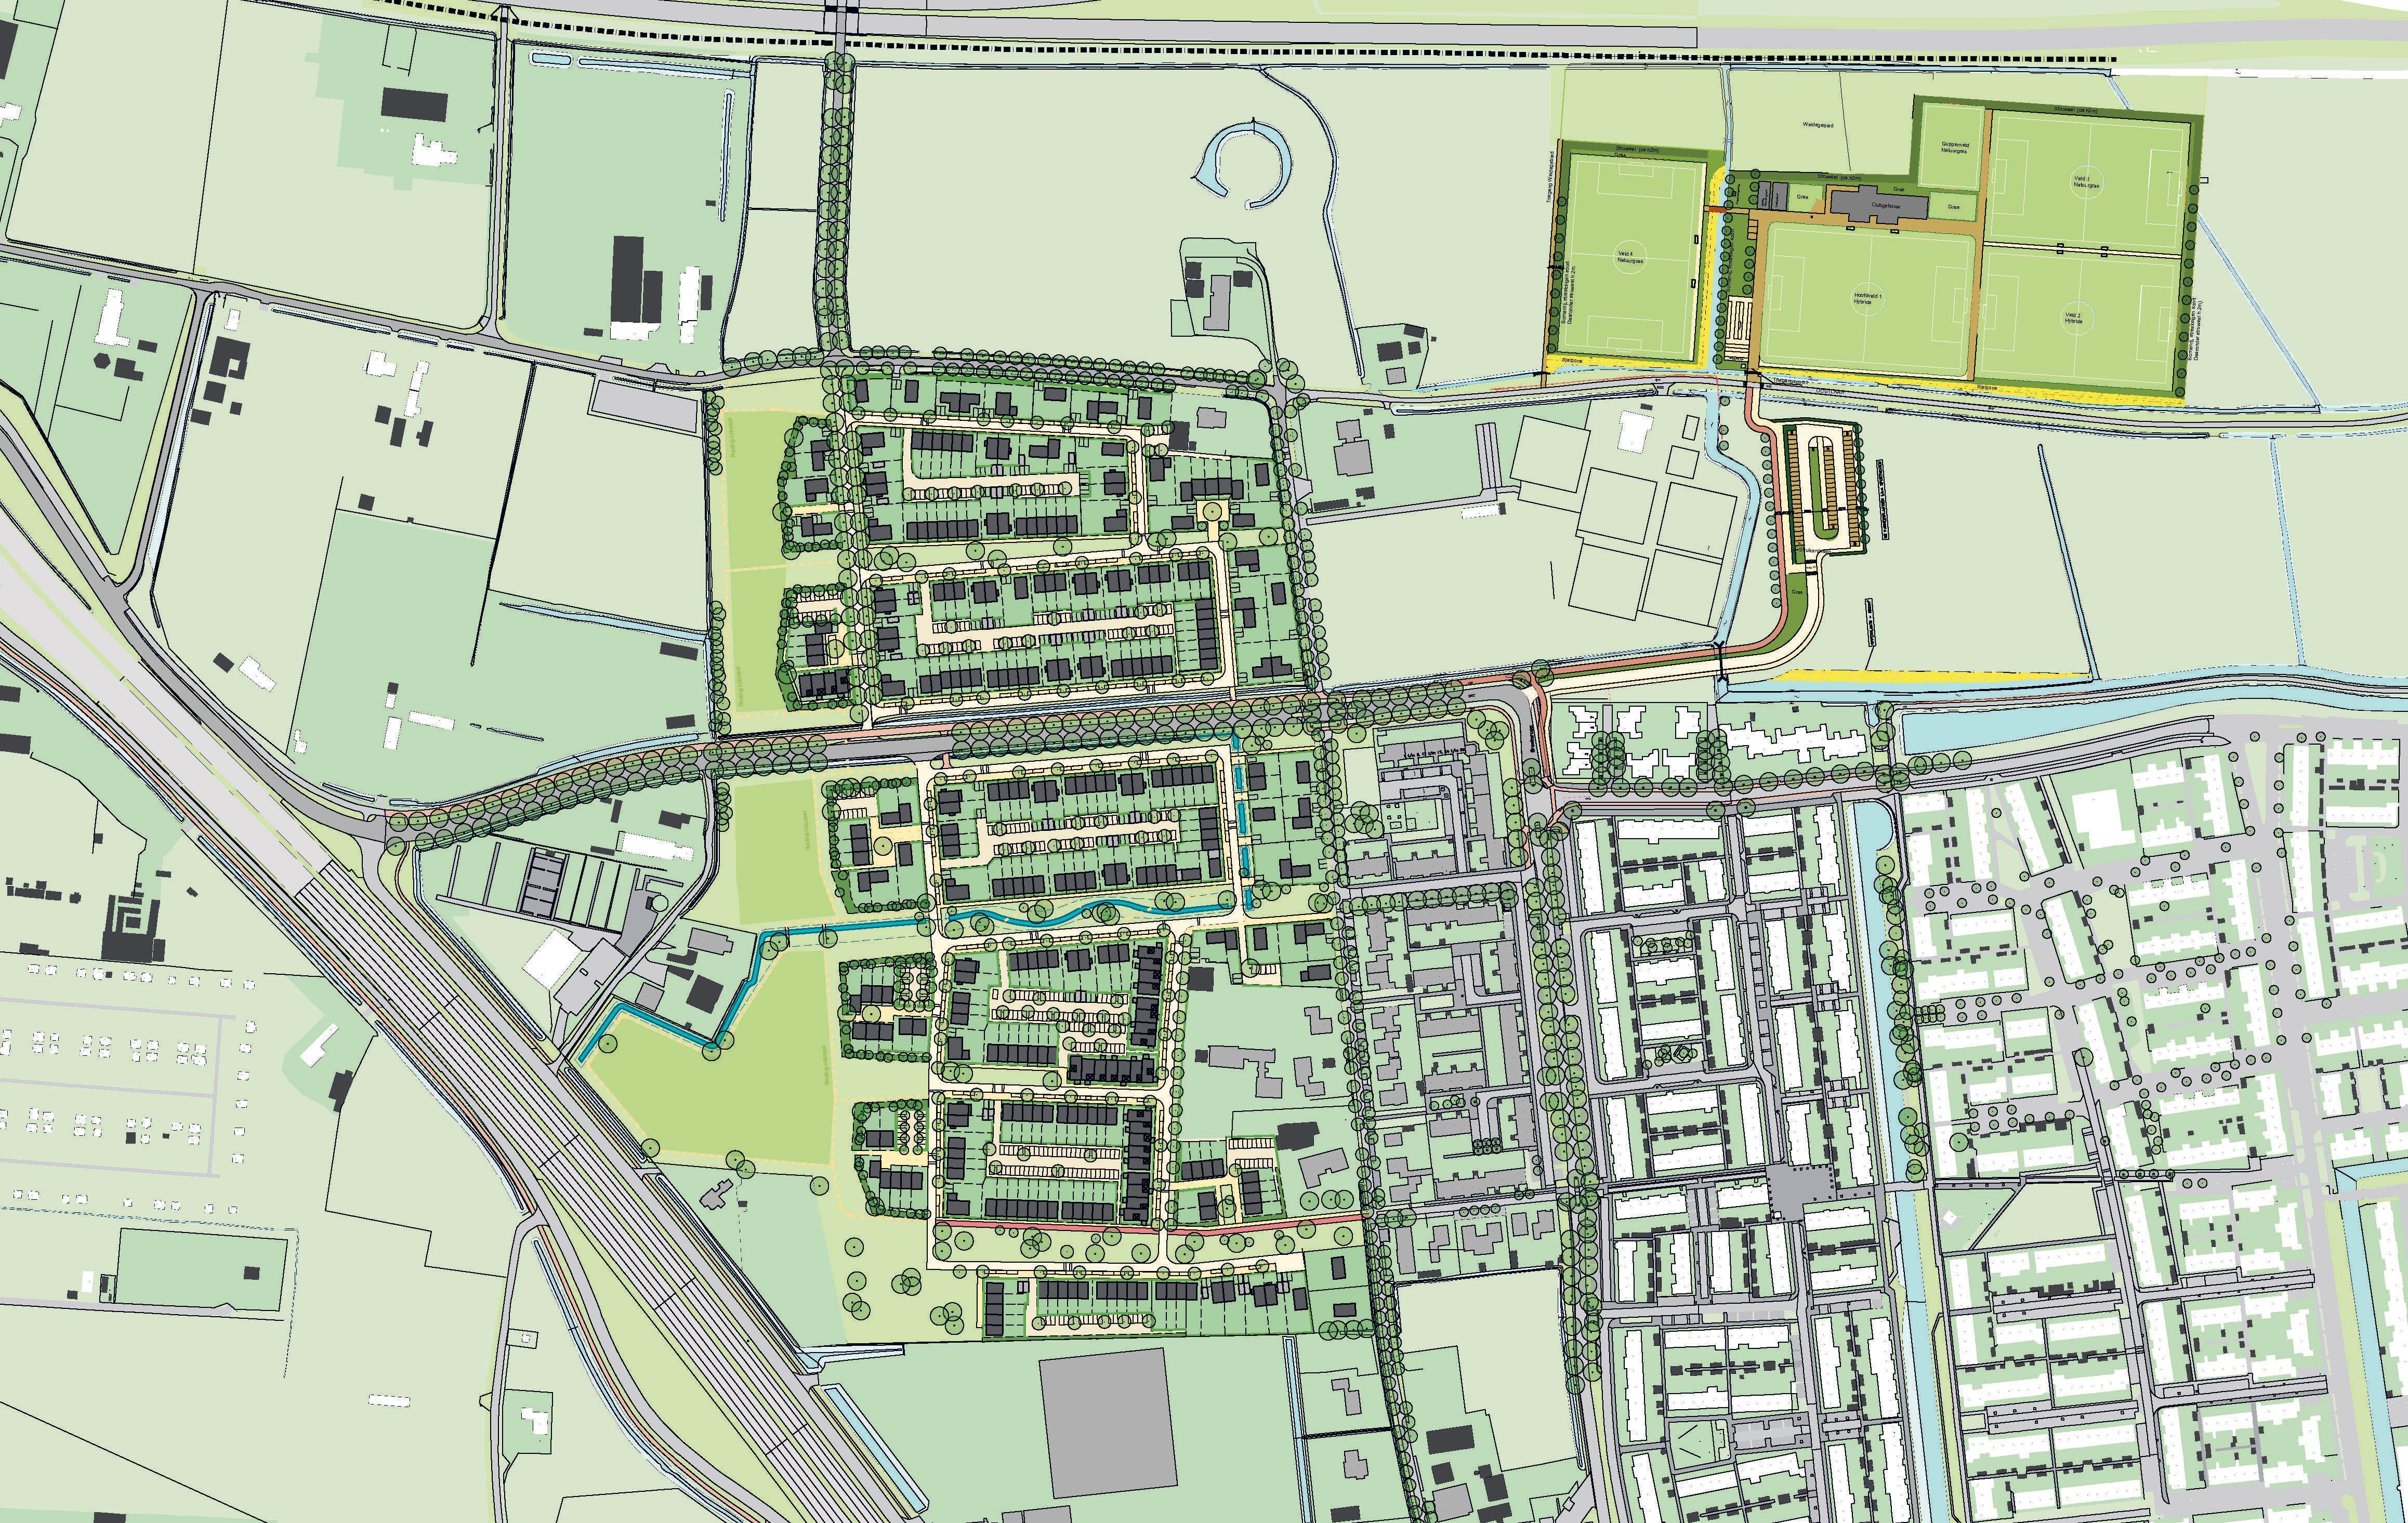 De gemeente Velsen en ontwikkelaars tekenen overeenkomst voor 380 woningen in Velserbroek